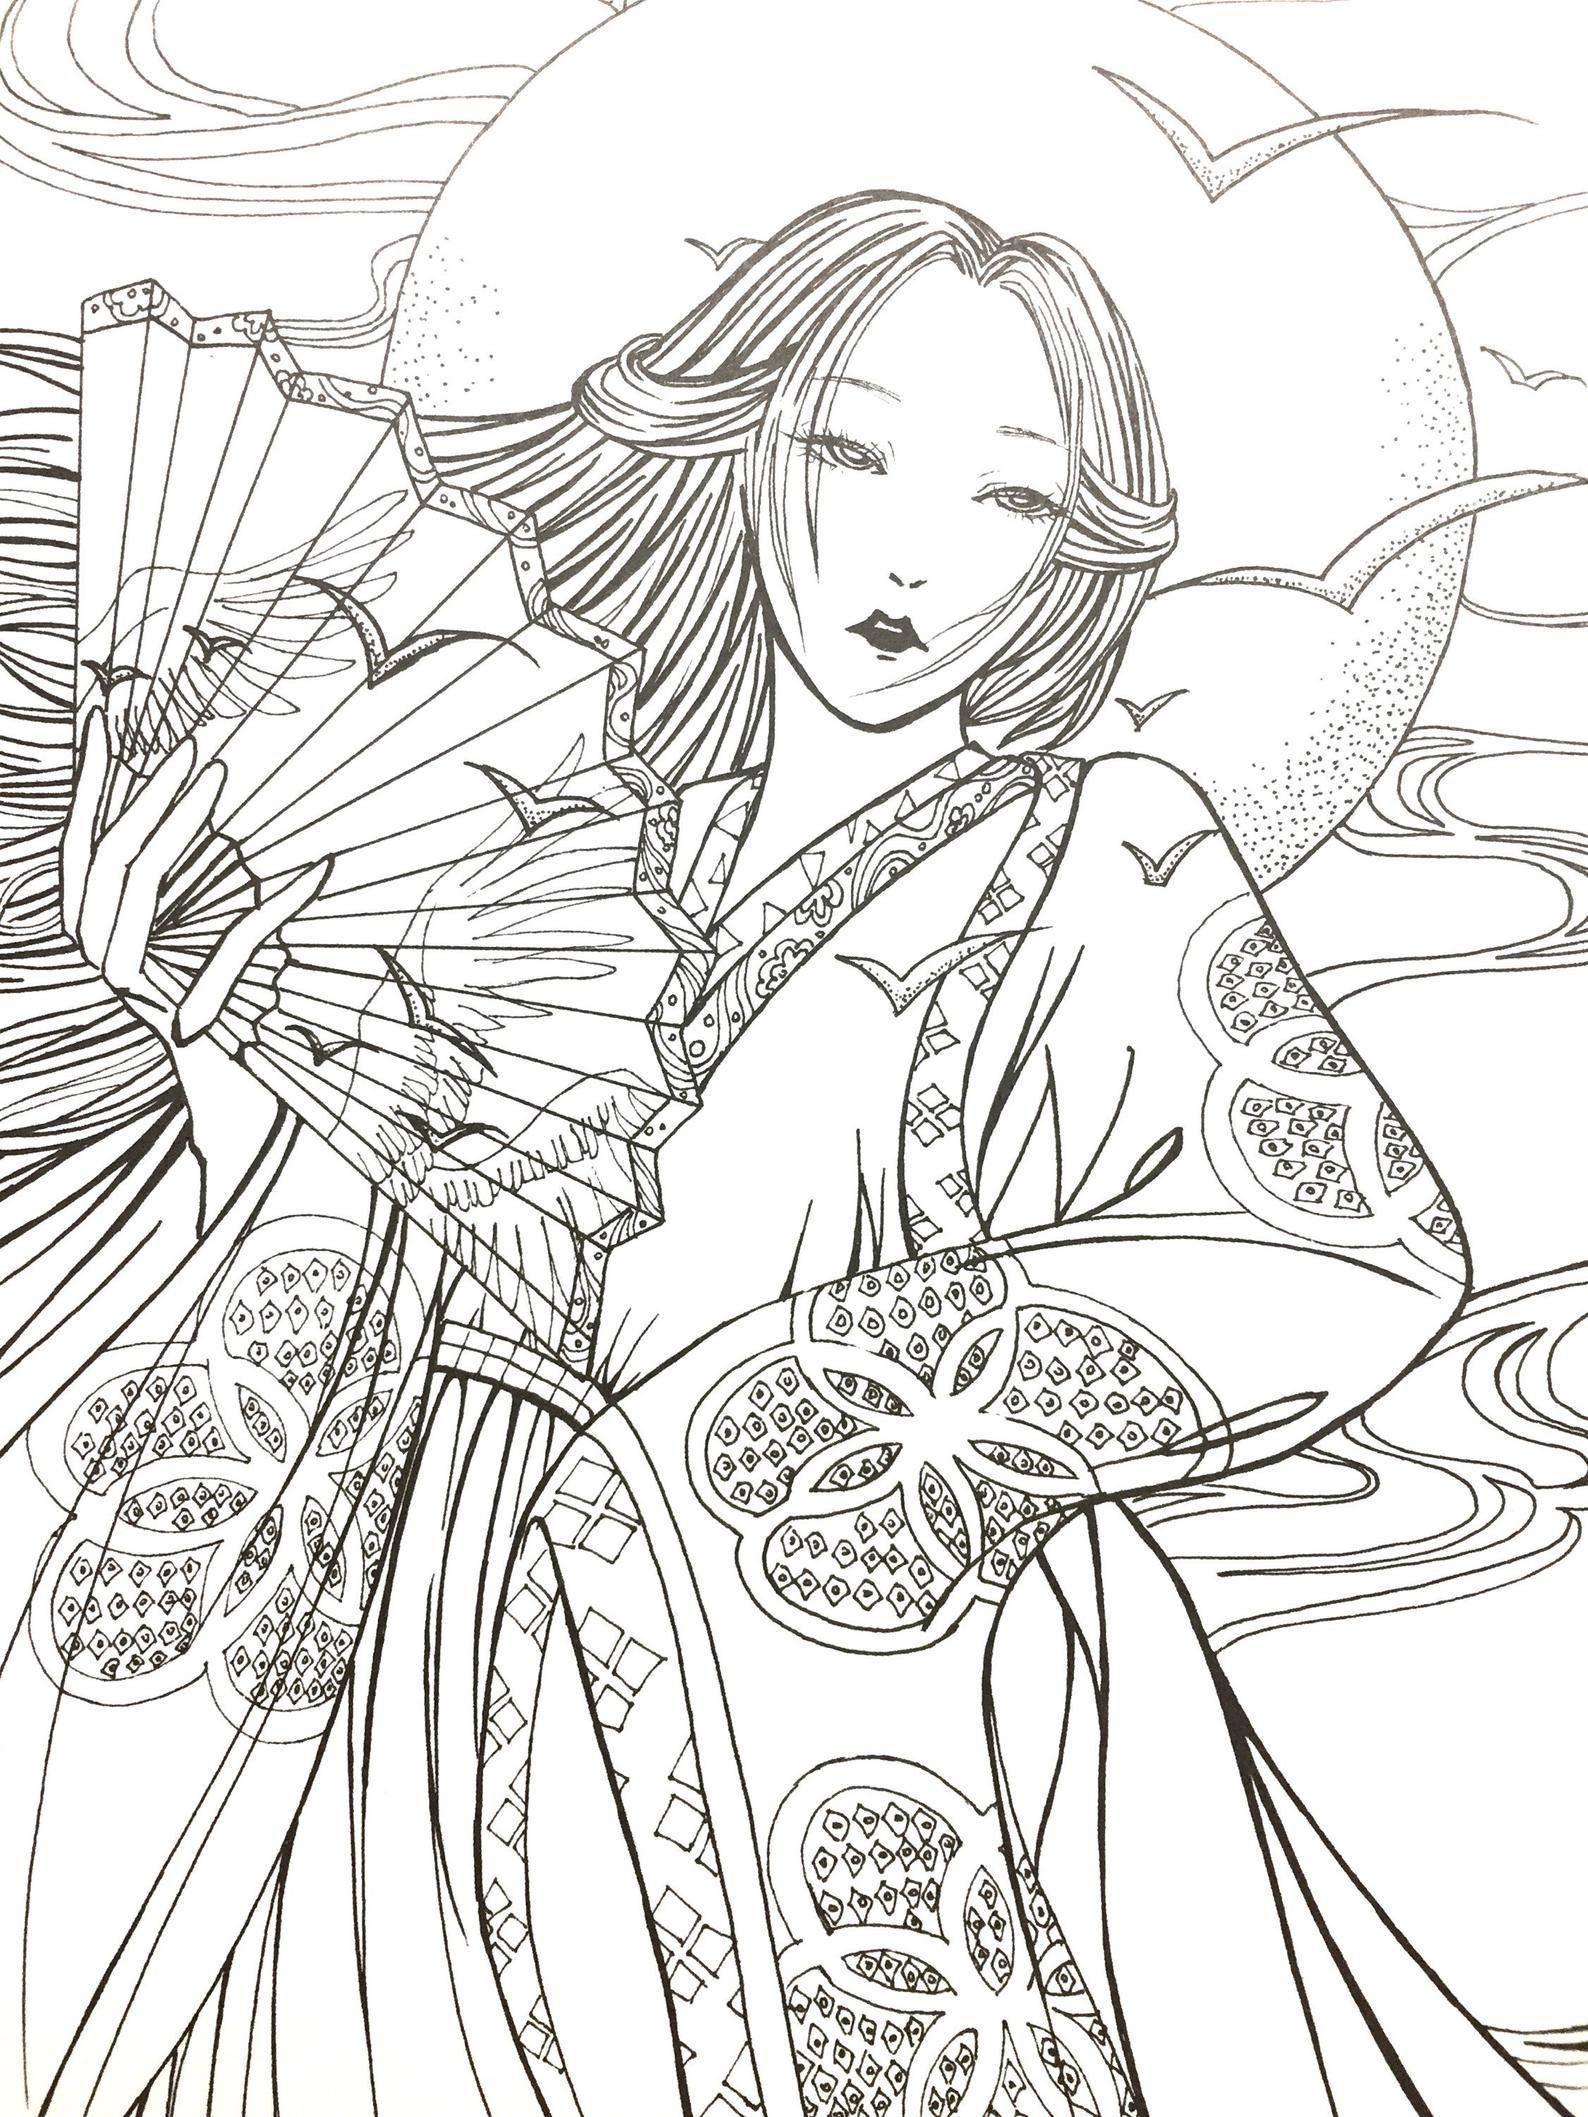 Rima De Flores Vol2 Libro Para Colorear Chino Para Adultos Etsy Coloriage Livre Coloriage Coloriage Manga